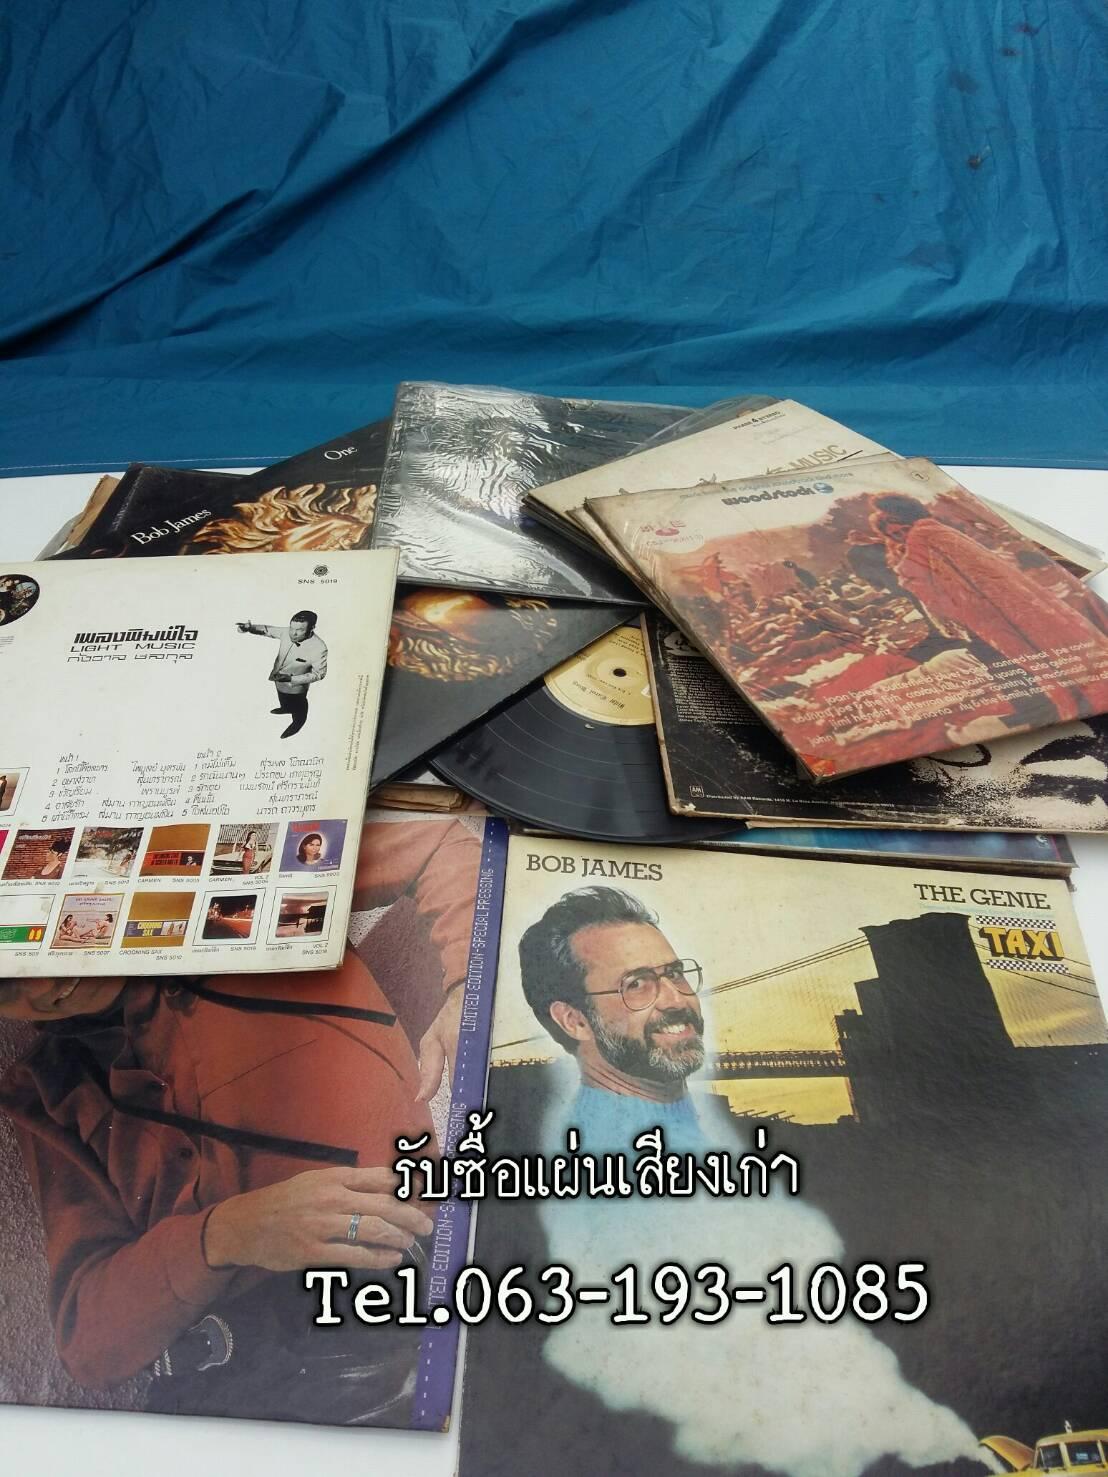 รับซื้อแผ่นเสียงเก่า รับซื้อเครื่องเล่นเสียงเก่า รับซื้อซีดีเพลงเก่า รับซื้อแผ่นเสียงเพลงไทย รับซื้อแผ่นเสียงเพลงสากล